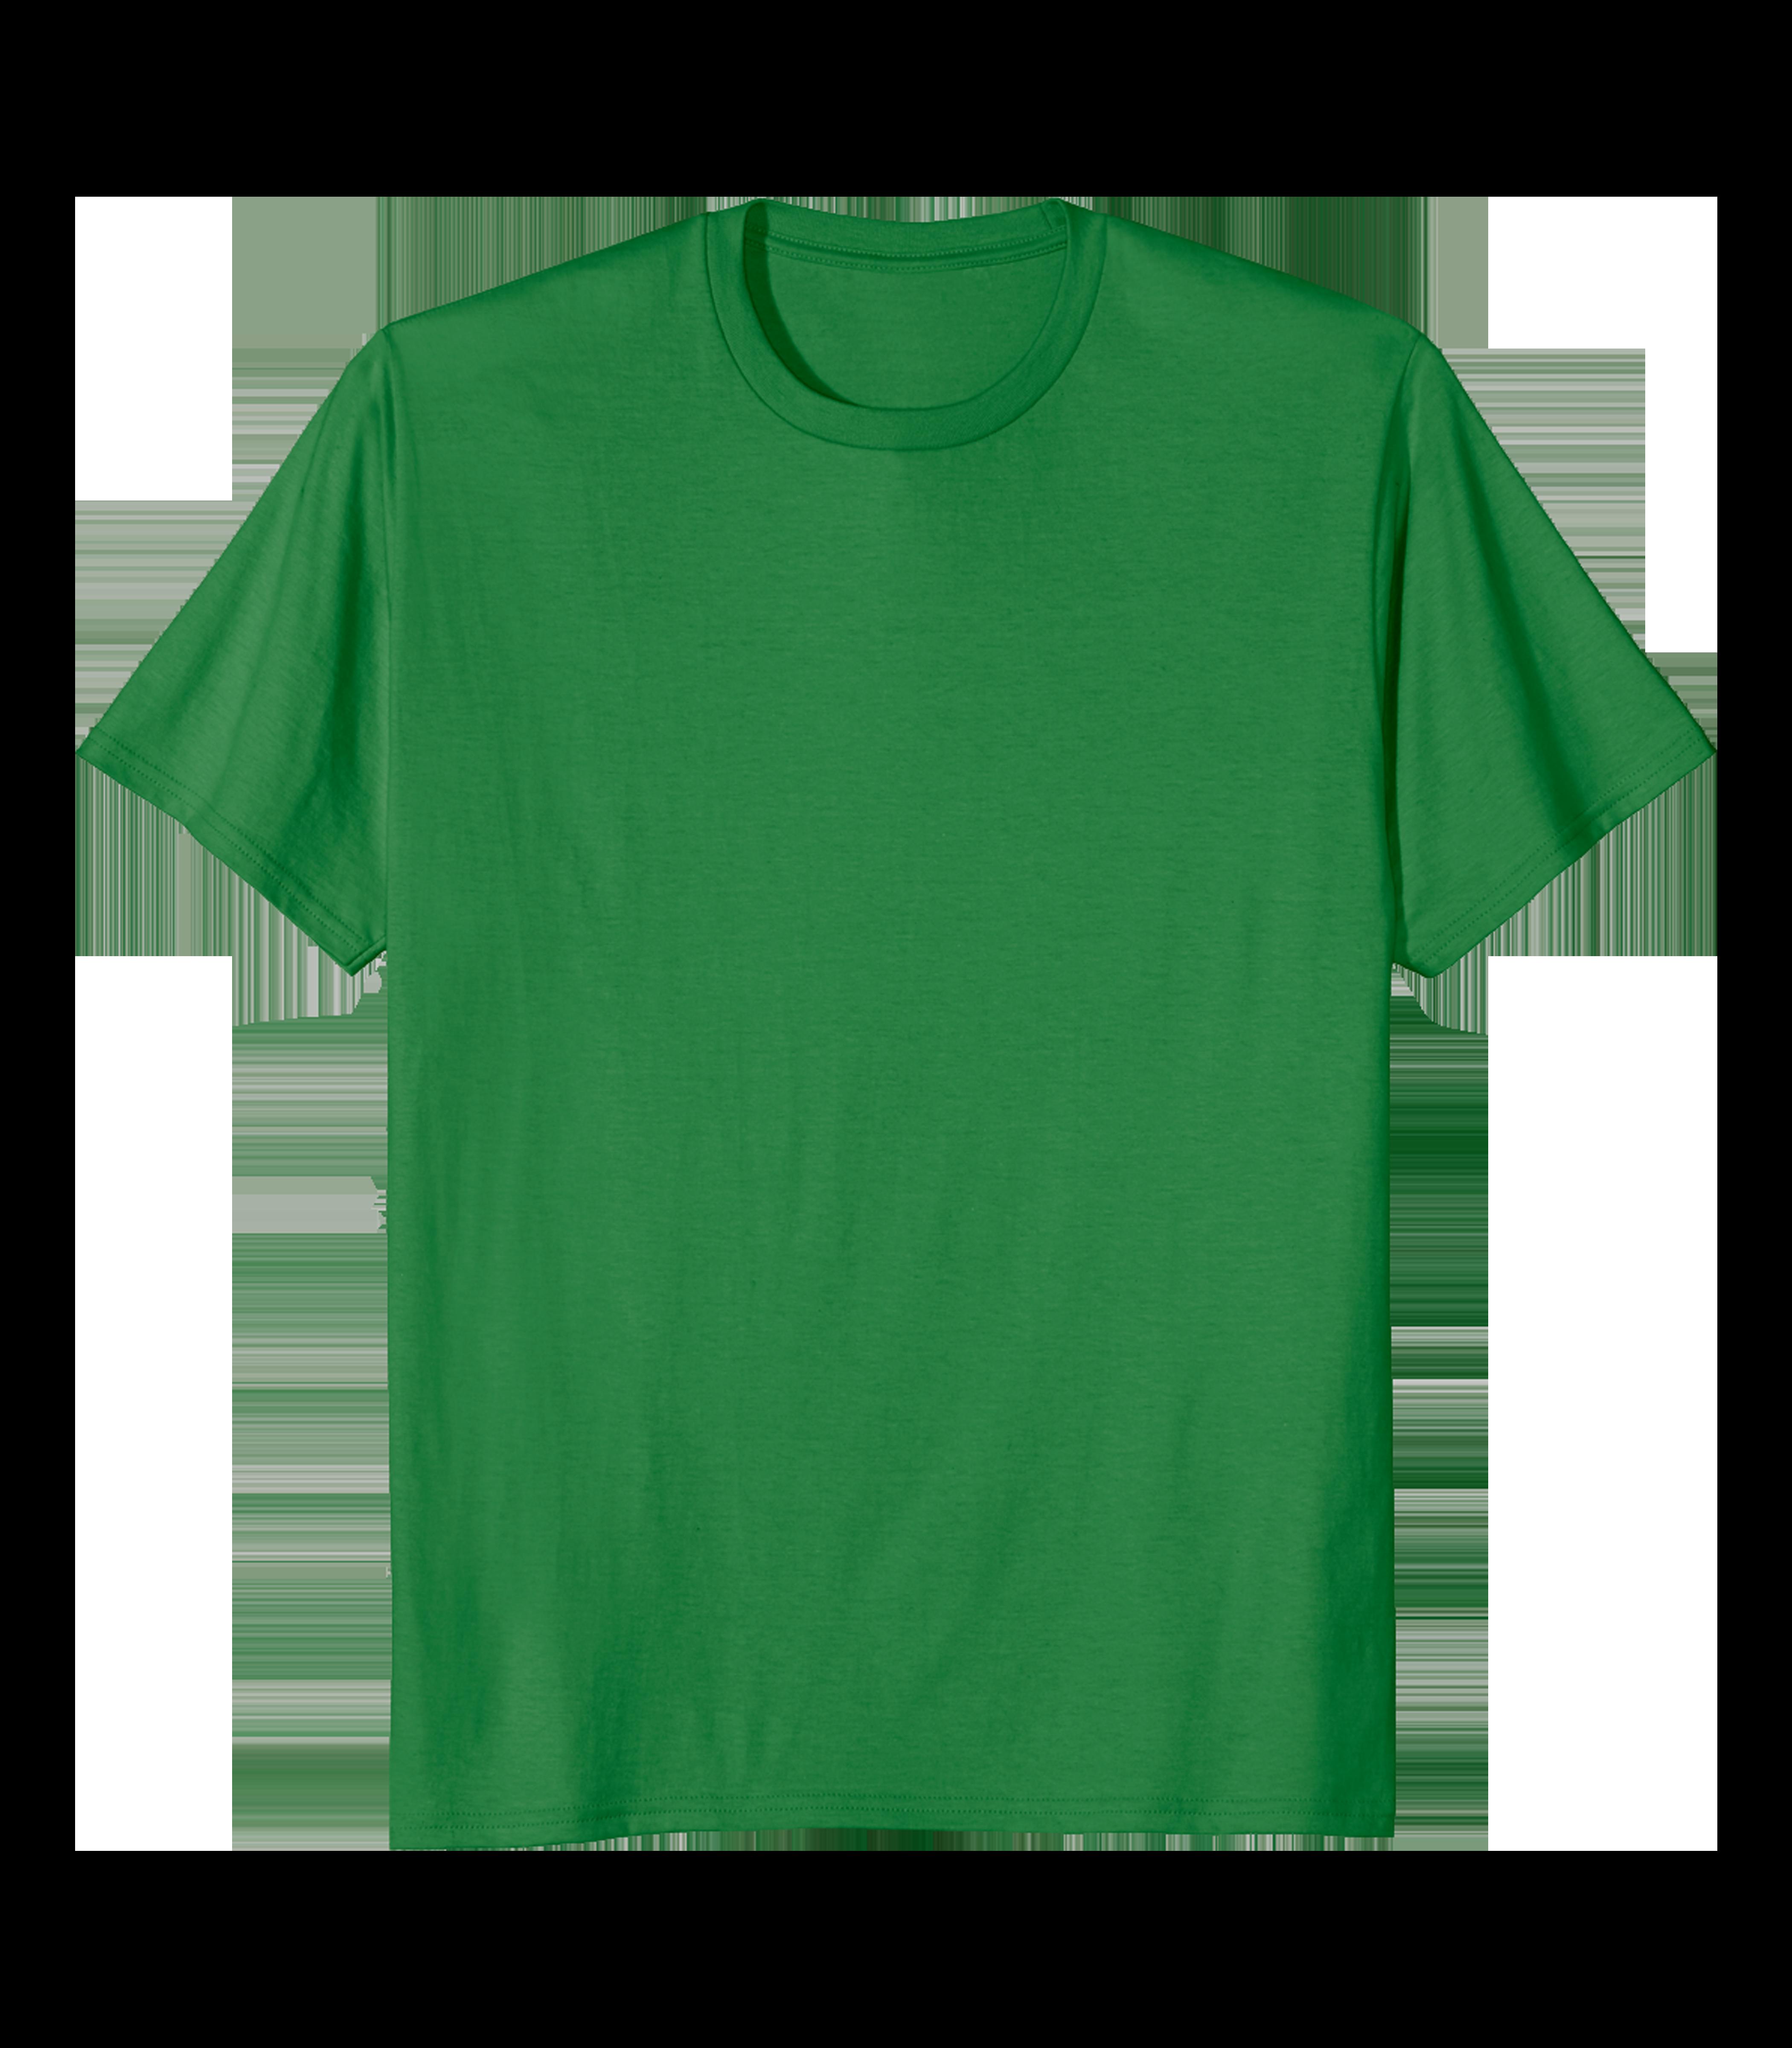 Plain Tshirt Green.